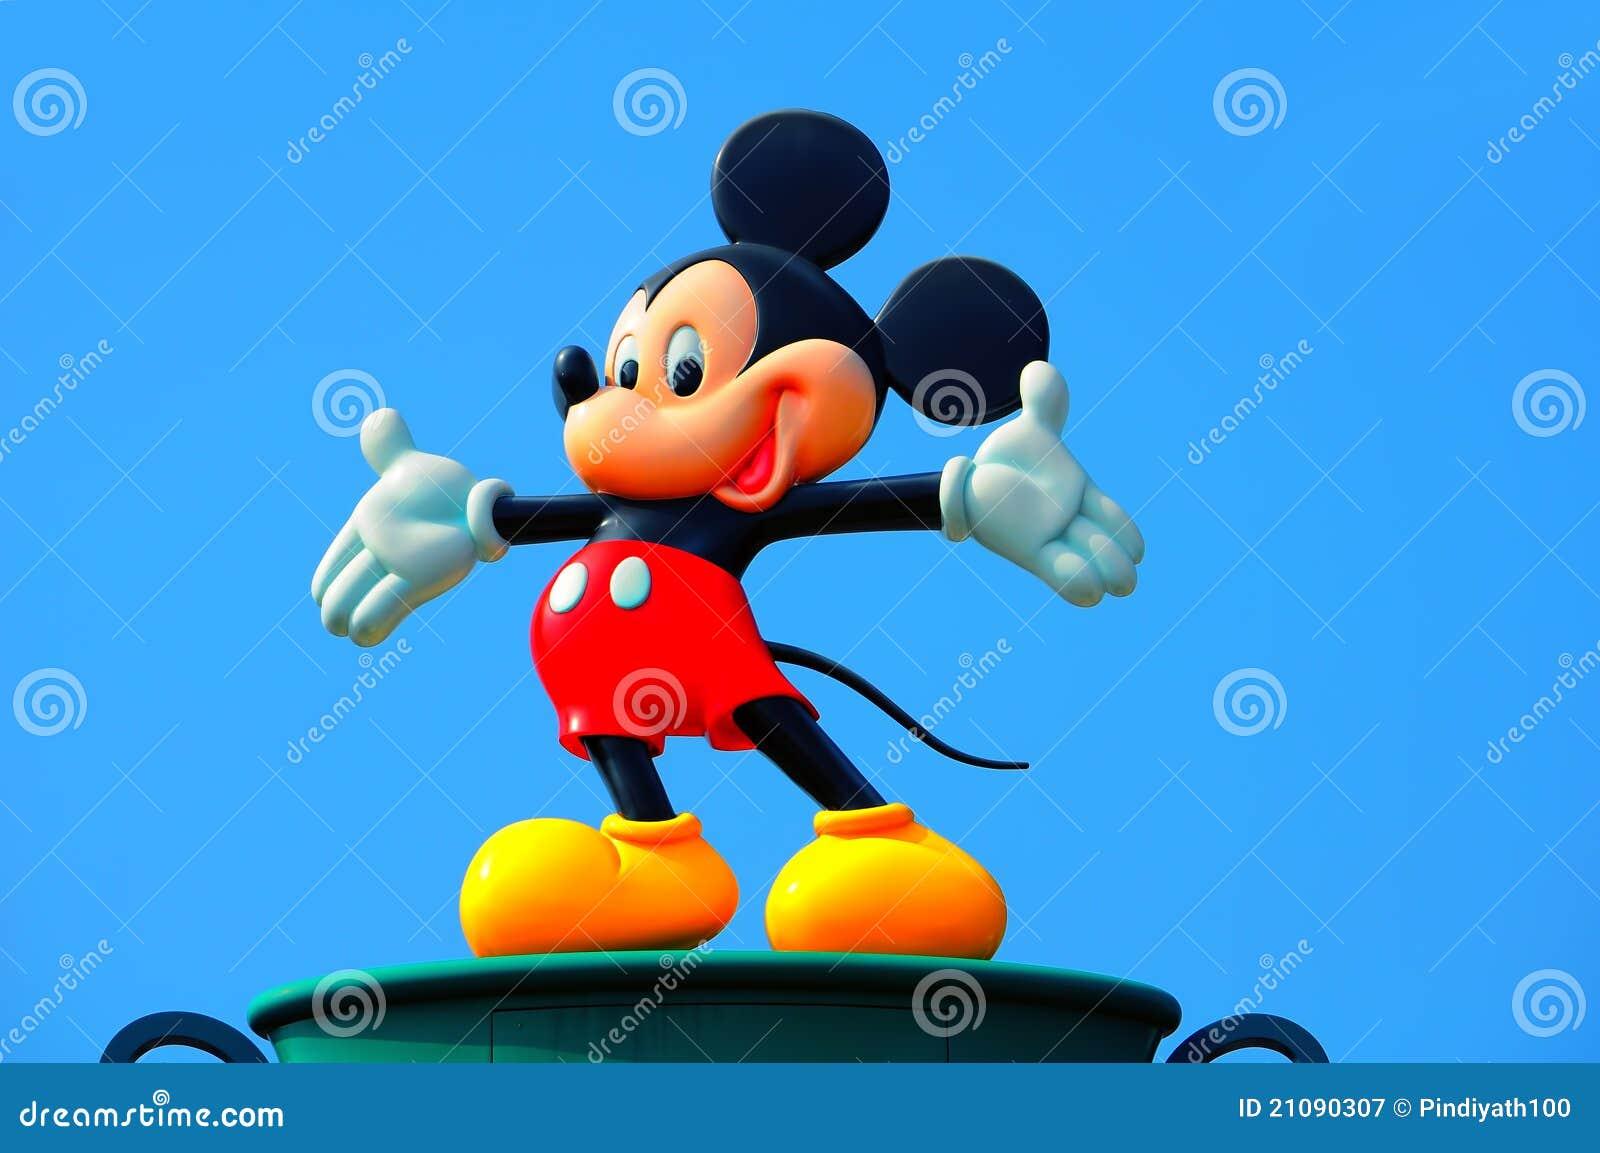 Mickeymus